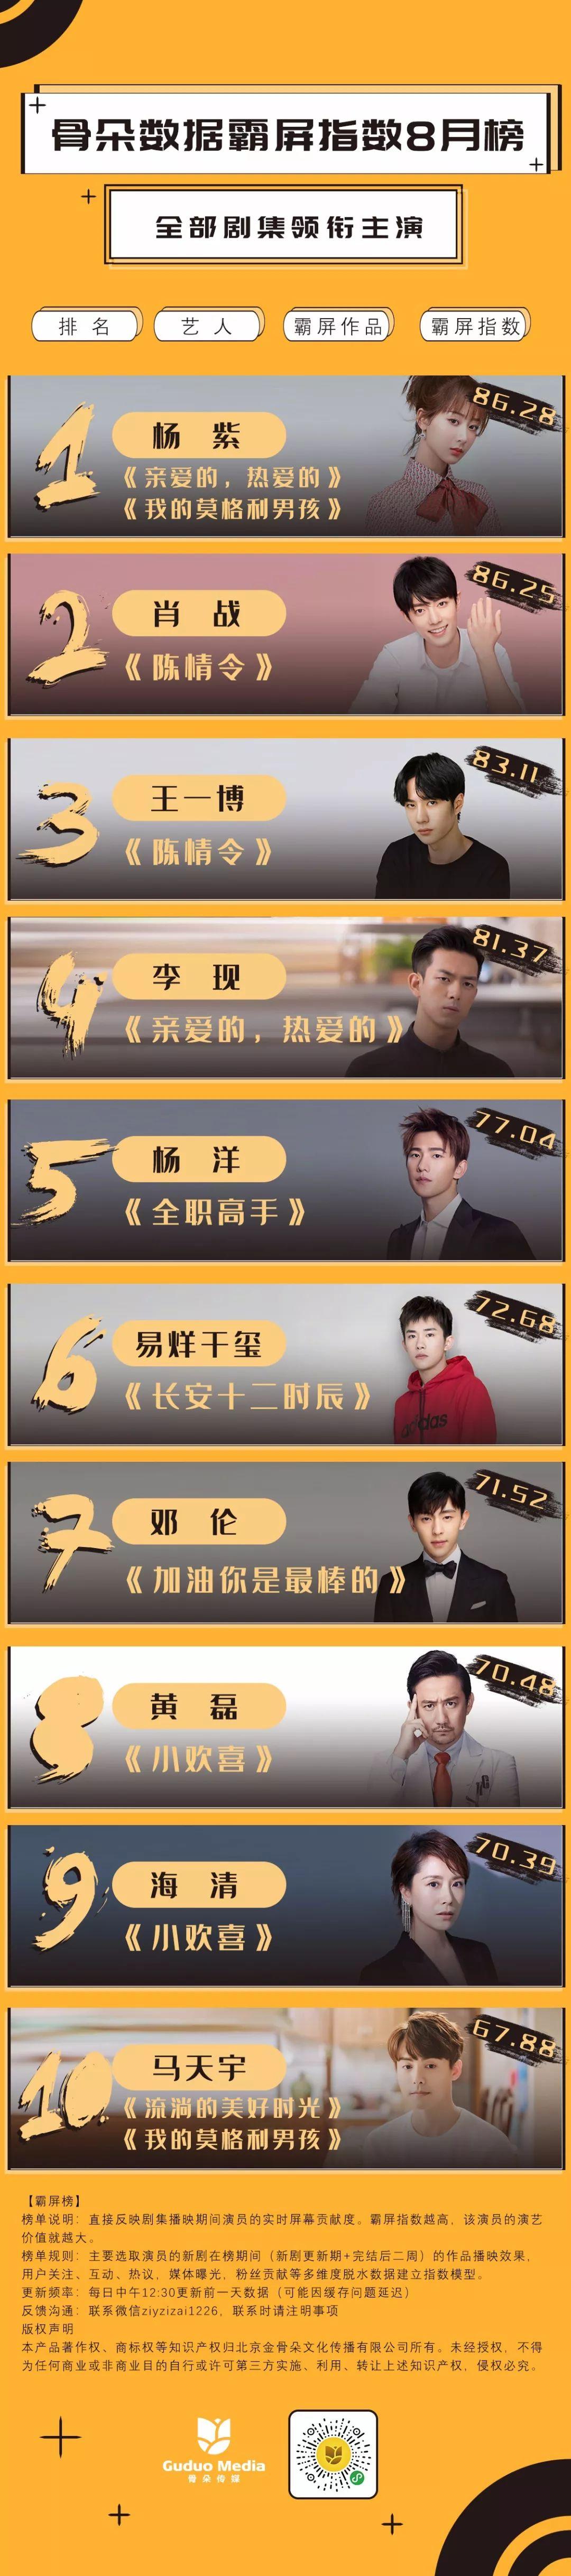 8月星番月榜丨杨紫、肖战霸屏,《小欢喜》众演员齐上榜